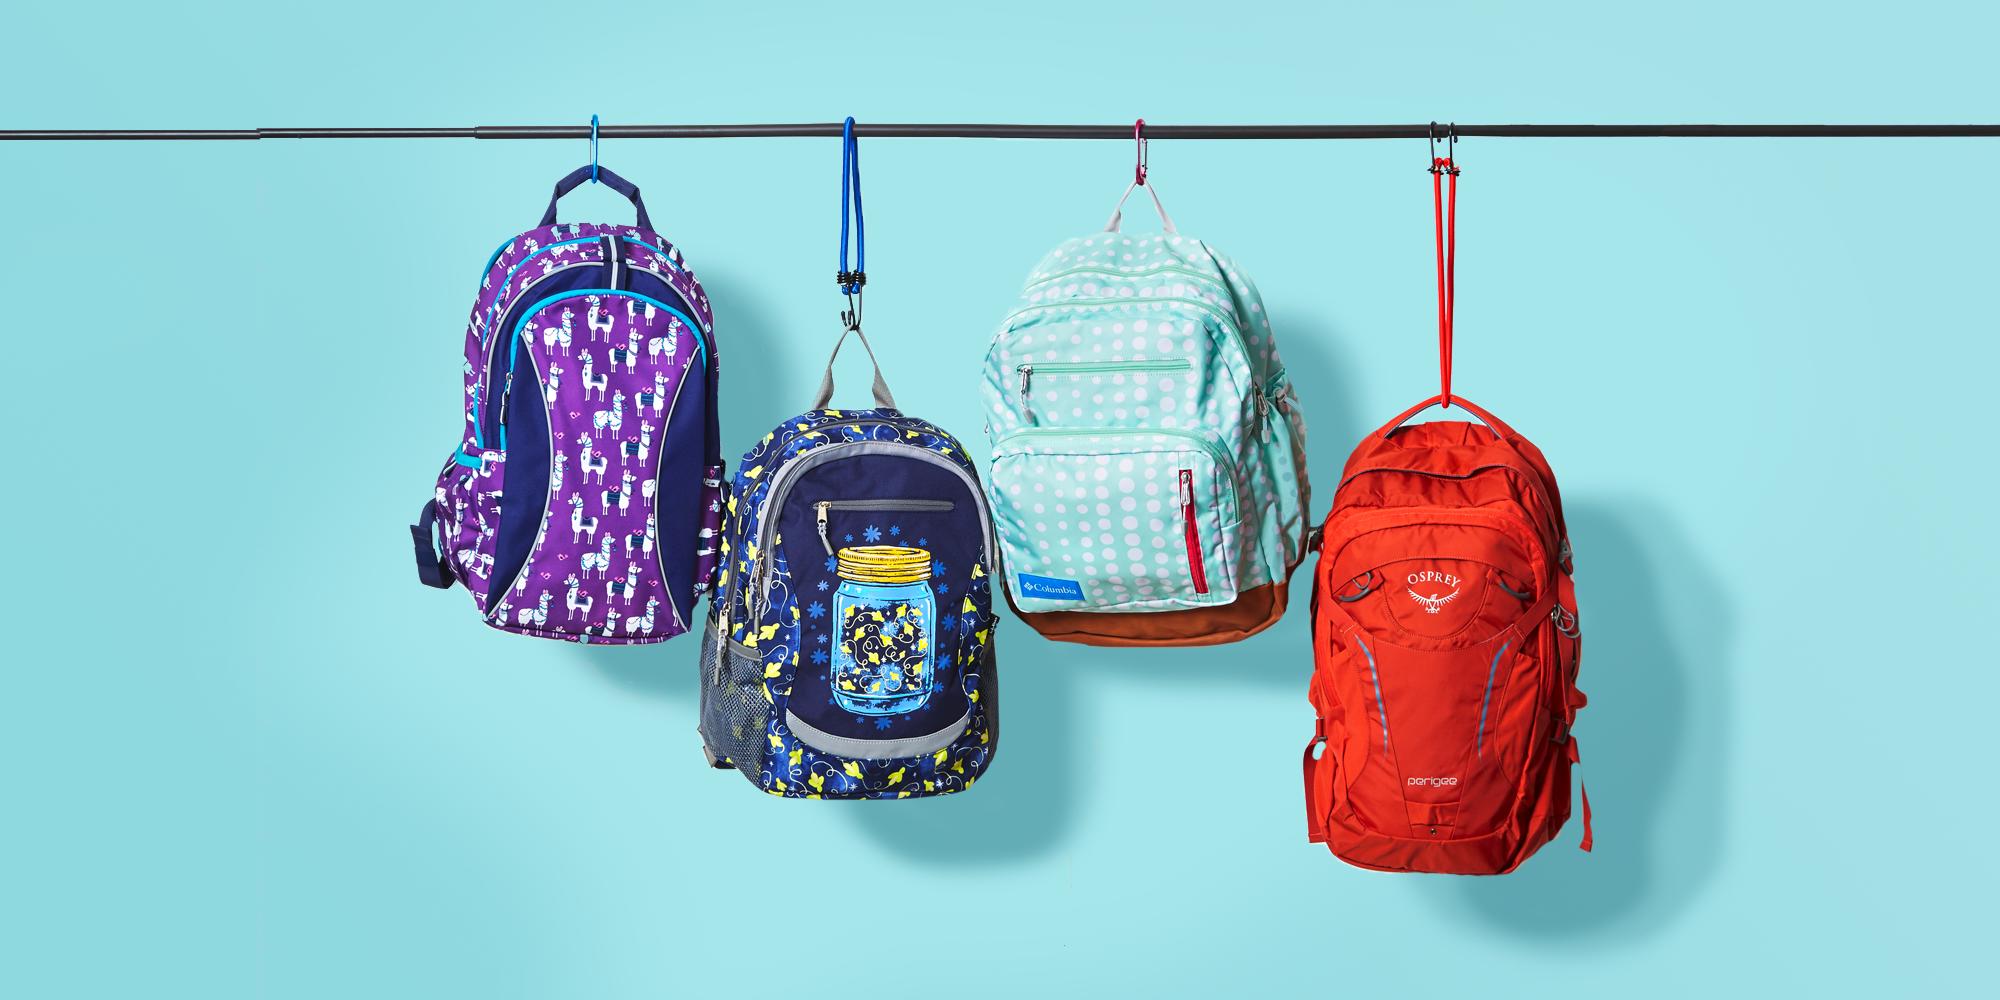 Best Kids Backpacks 2017 - Reviews of Kids